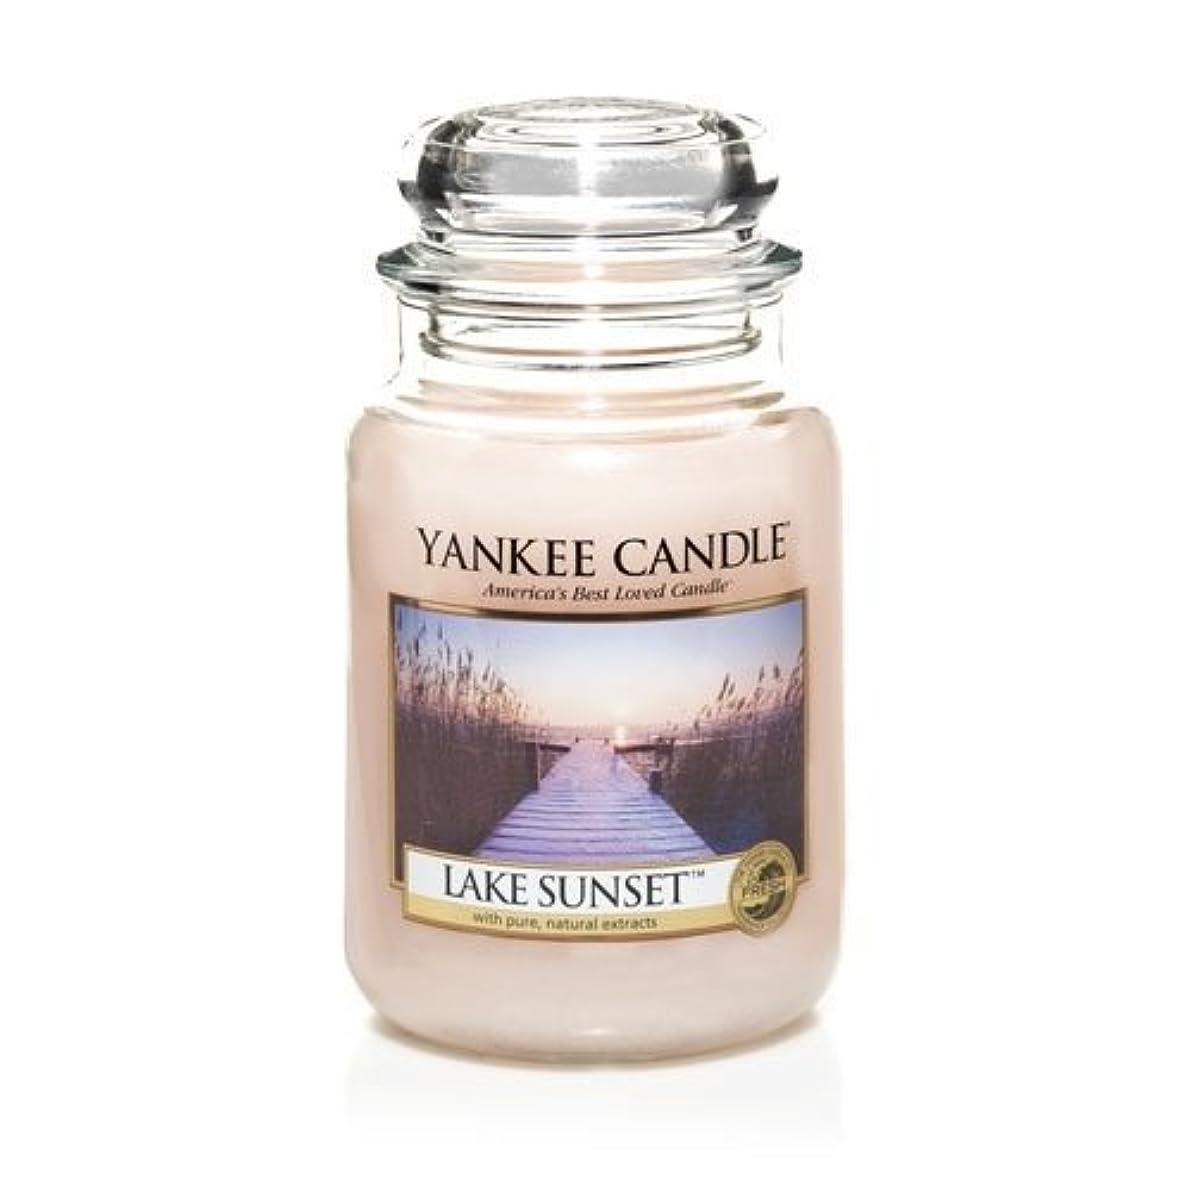 コマンドラベ分散Yankee Candle LAKE SUNSET 22 oz Large Jar Candle - New for Fall 2013 by Yankee Candle [並行輸入品]